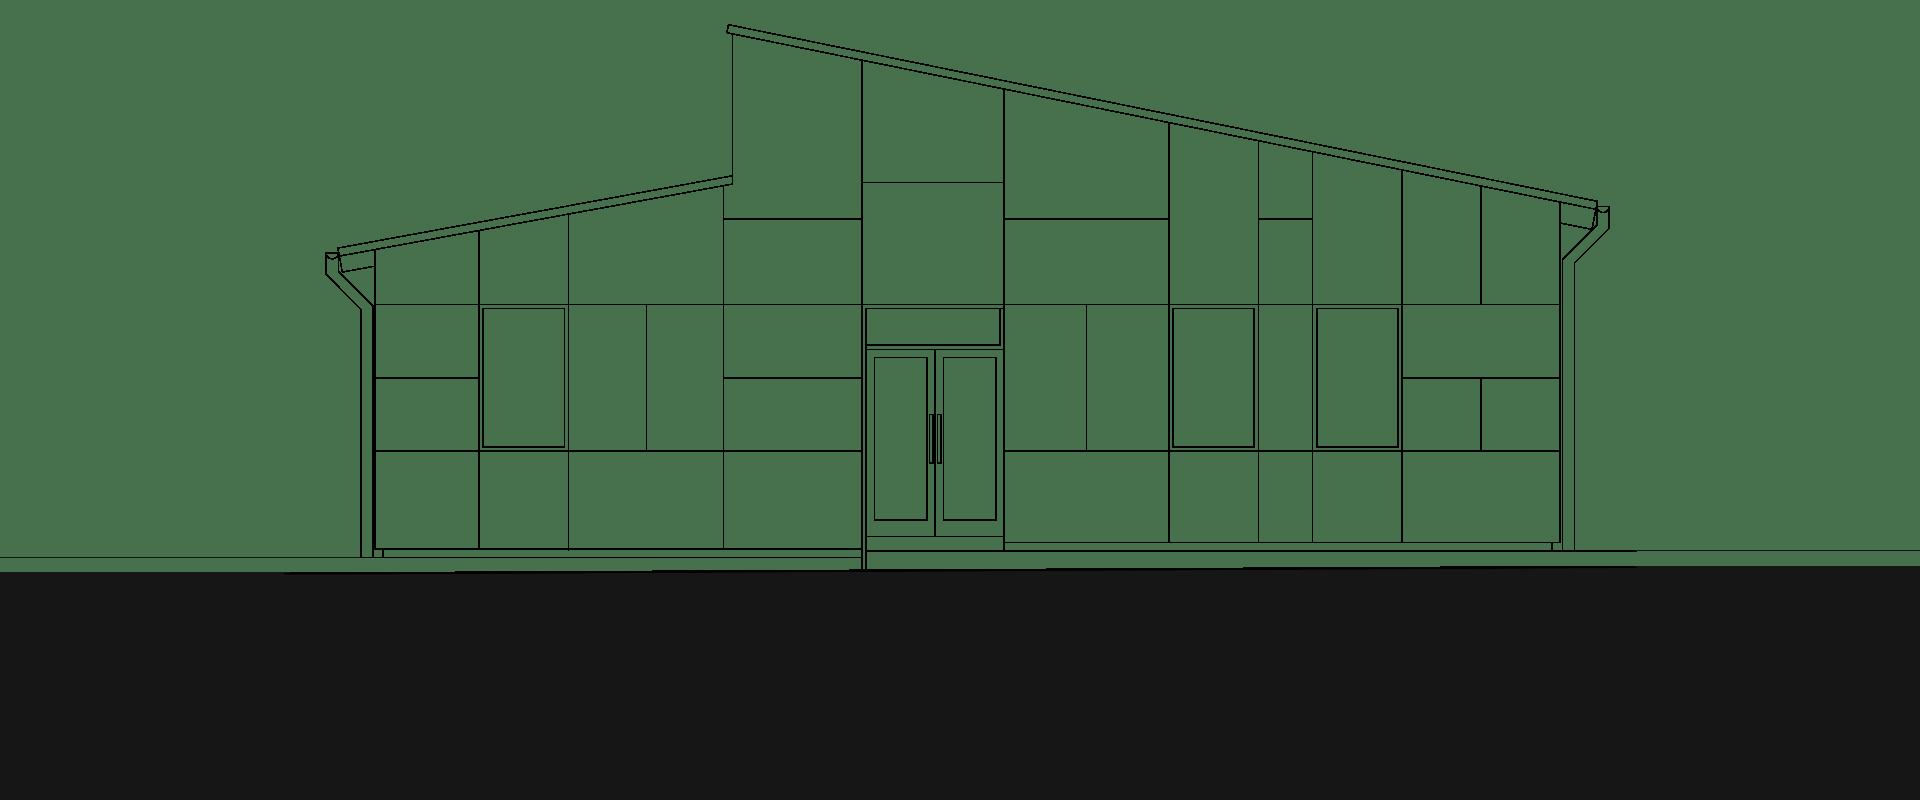 dokas-view-02-1